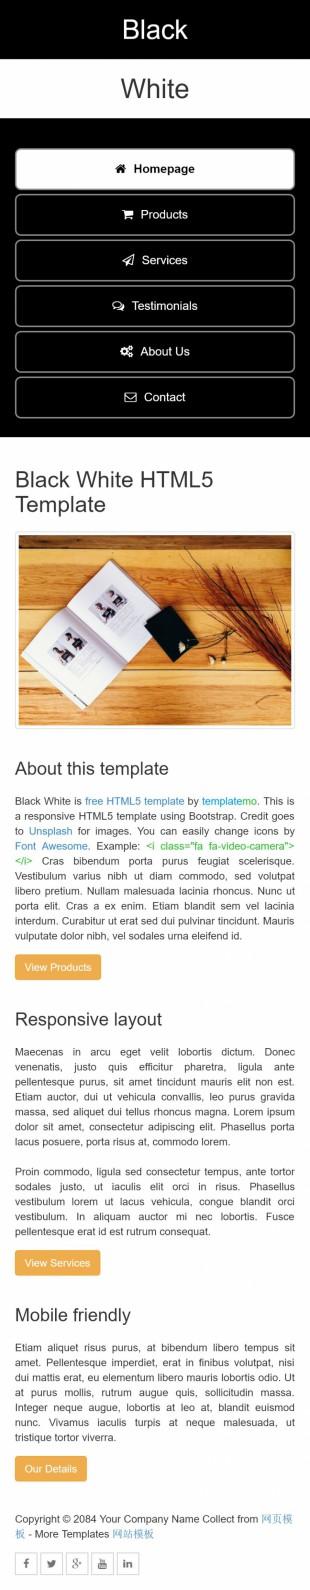 黑色相间个性二栏个人博客英文网站模板手机图片